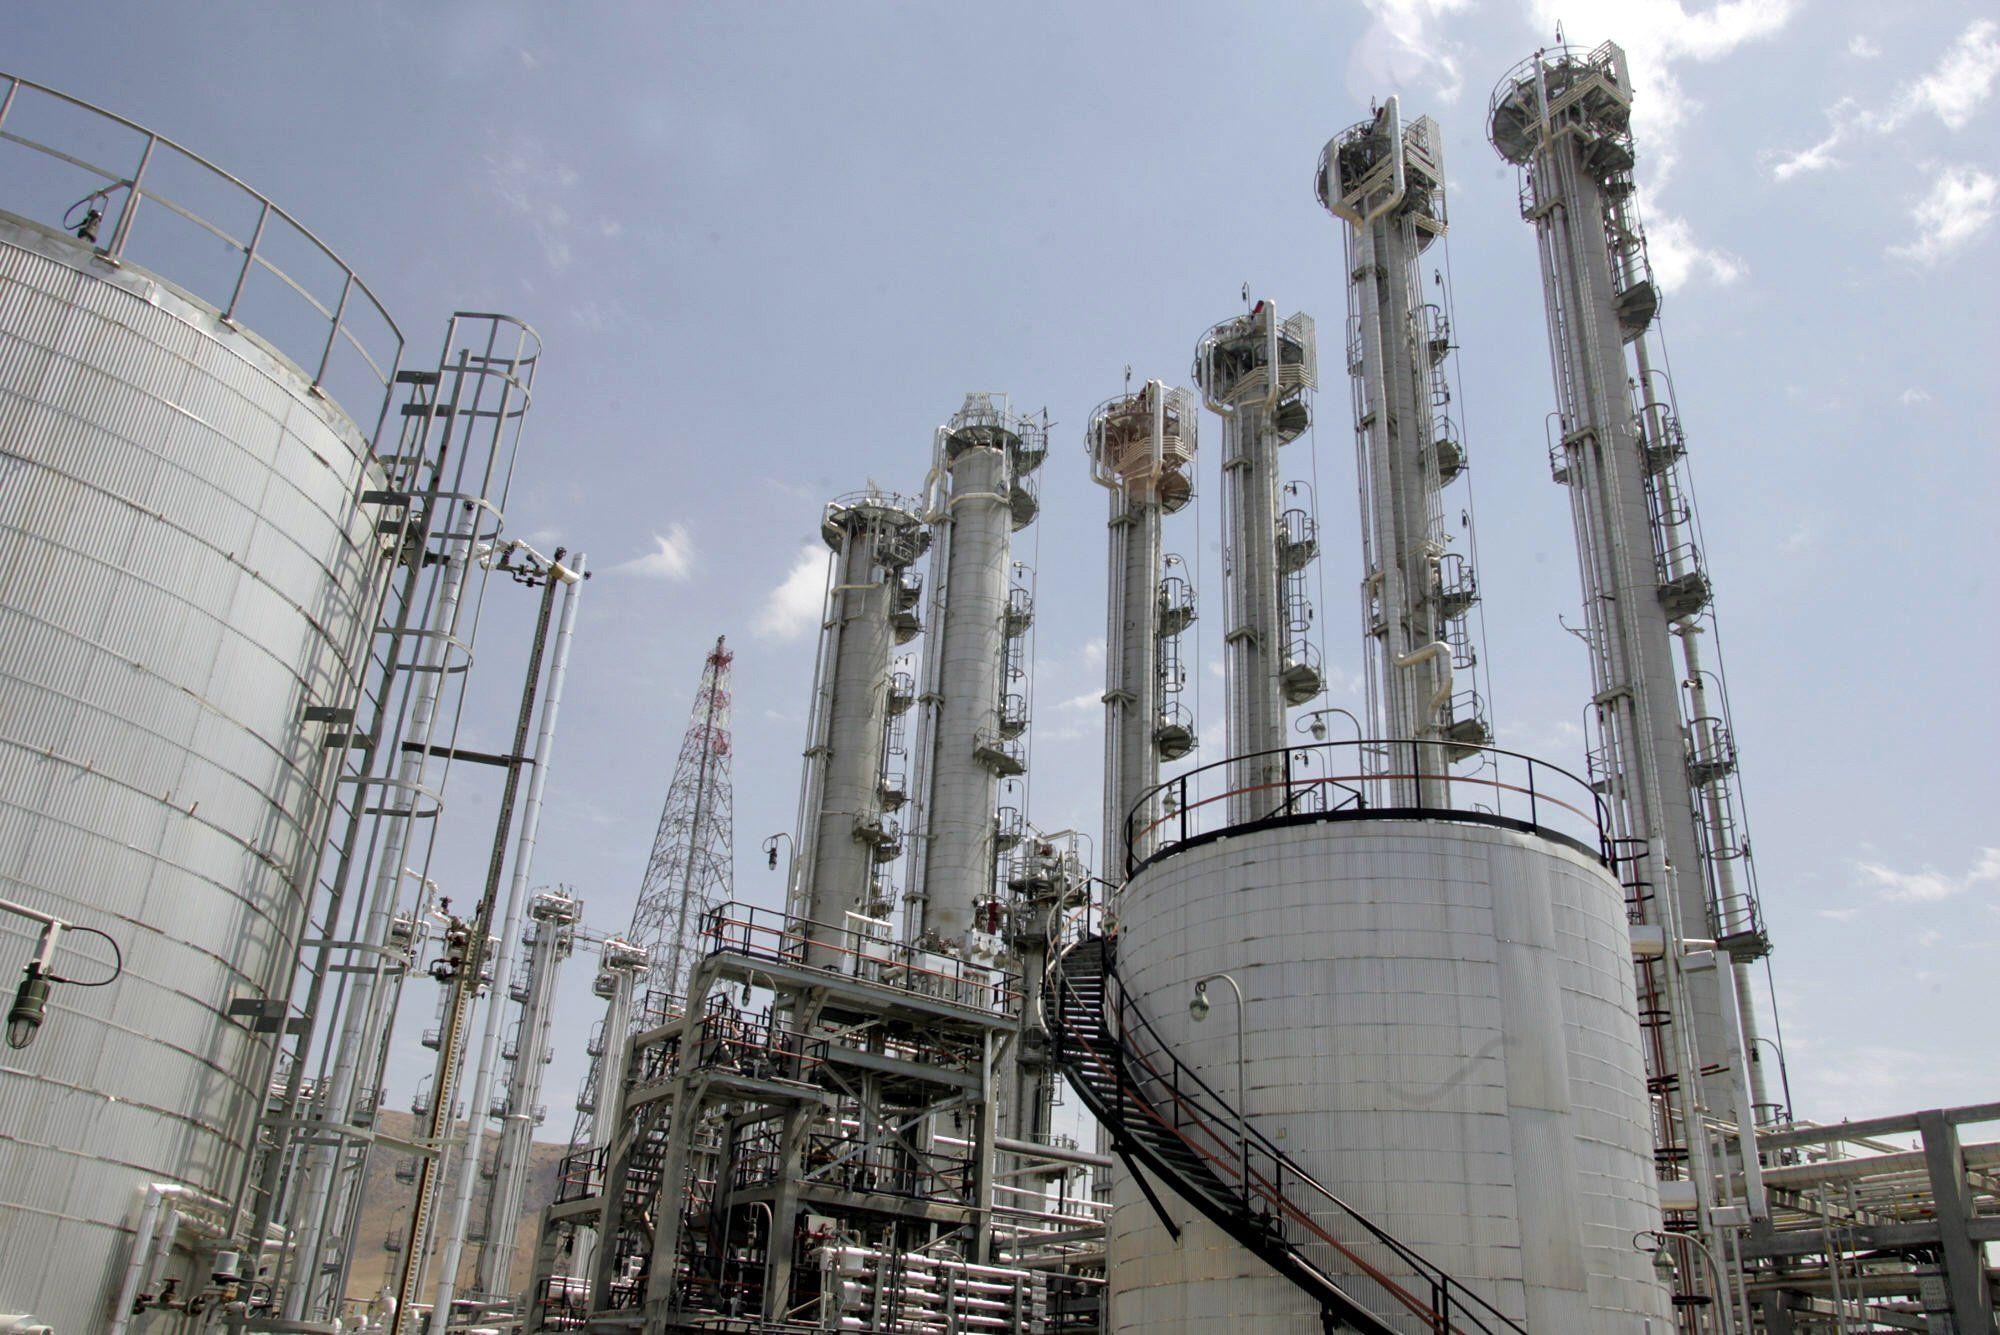 Teherán se comprometió a reducir sus capacidades nucleares durante varios años. (AFP)